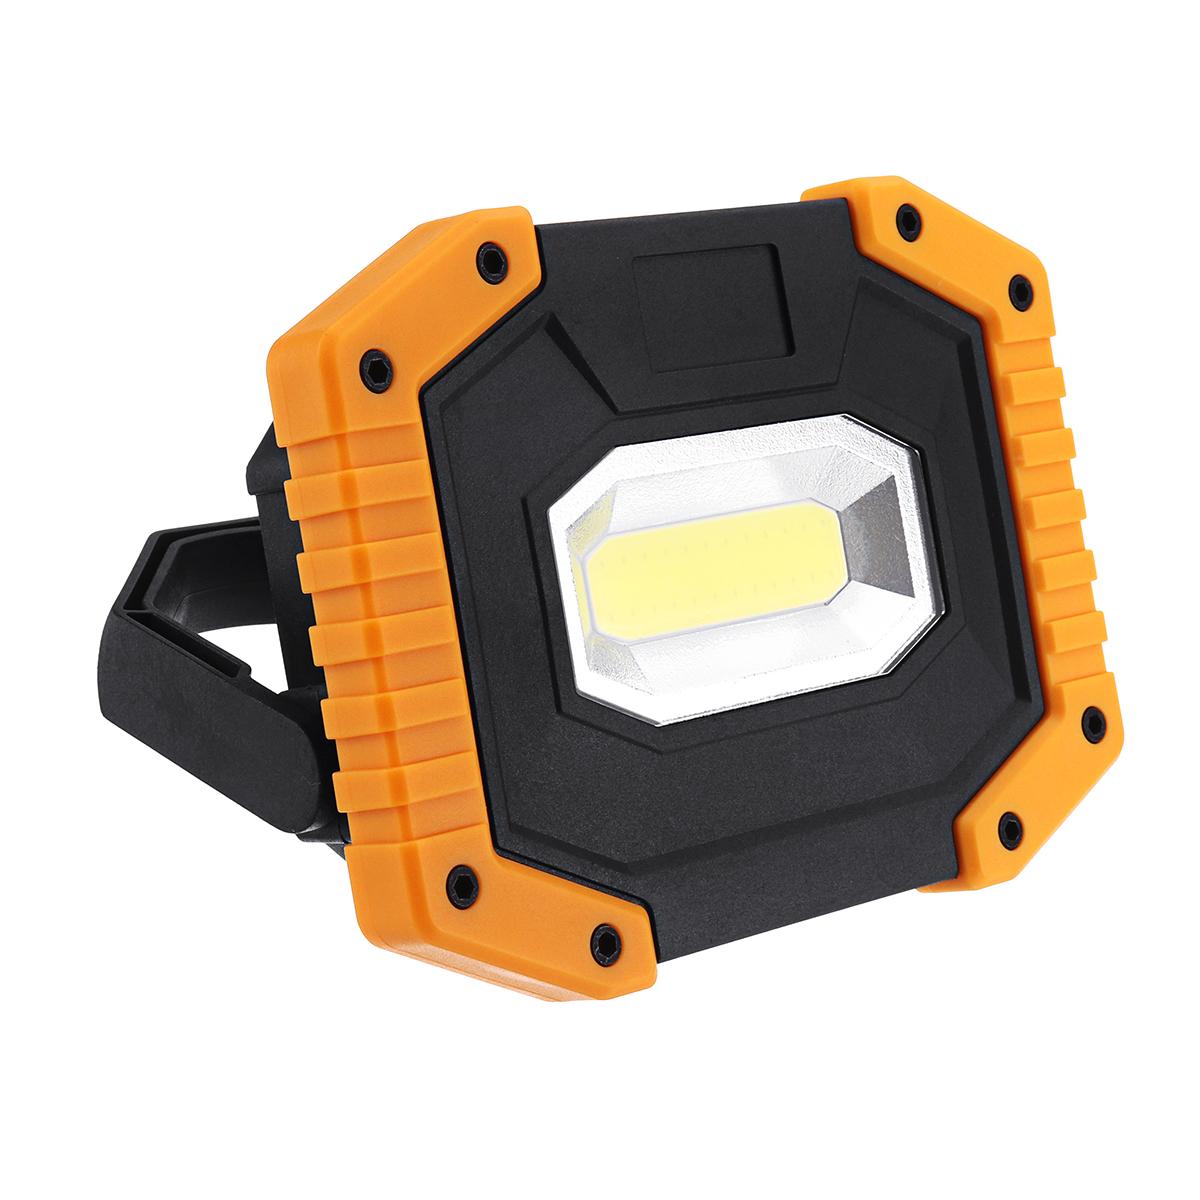 30W Usb Led Cob Cắm Trại Đèn Pin Cầm Tay Khẩn Cấp Đèn Làm Việc Khẩn Cấp Không Thấm Nước Đèn Lồng